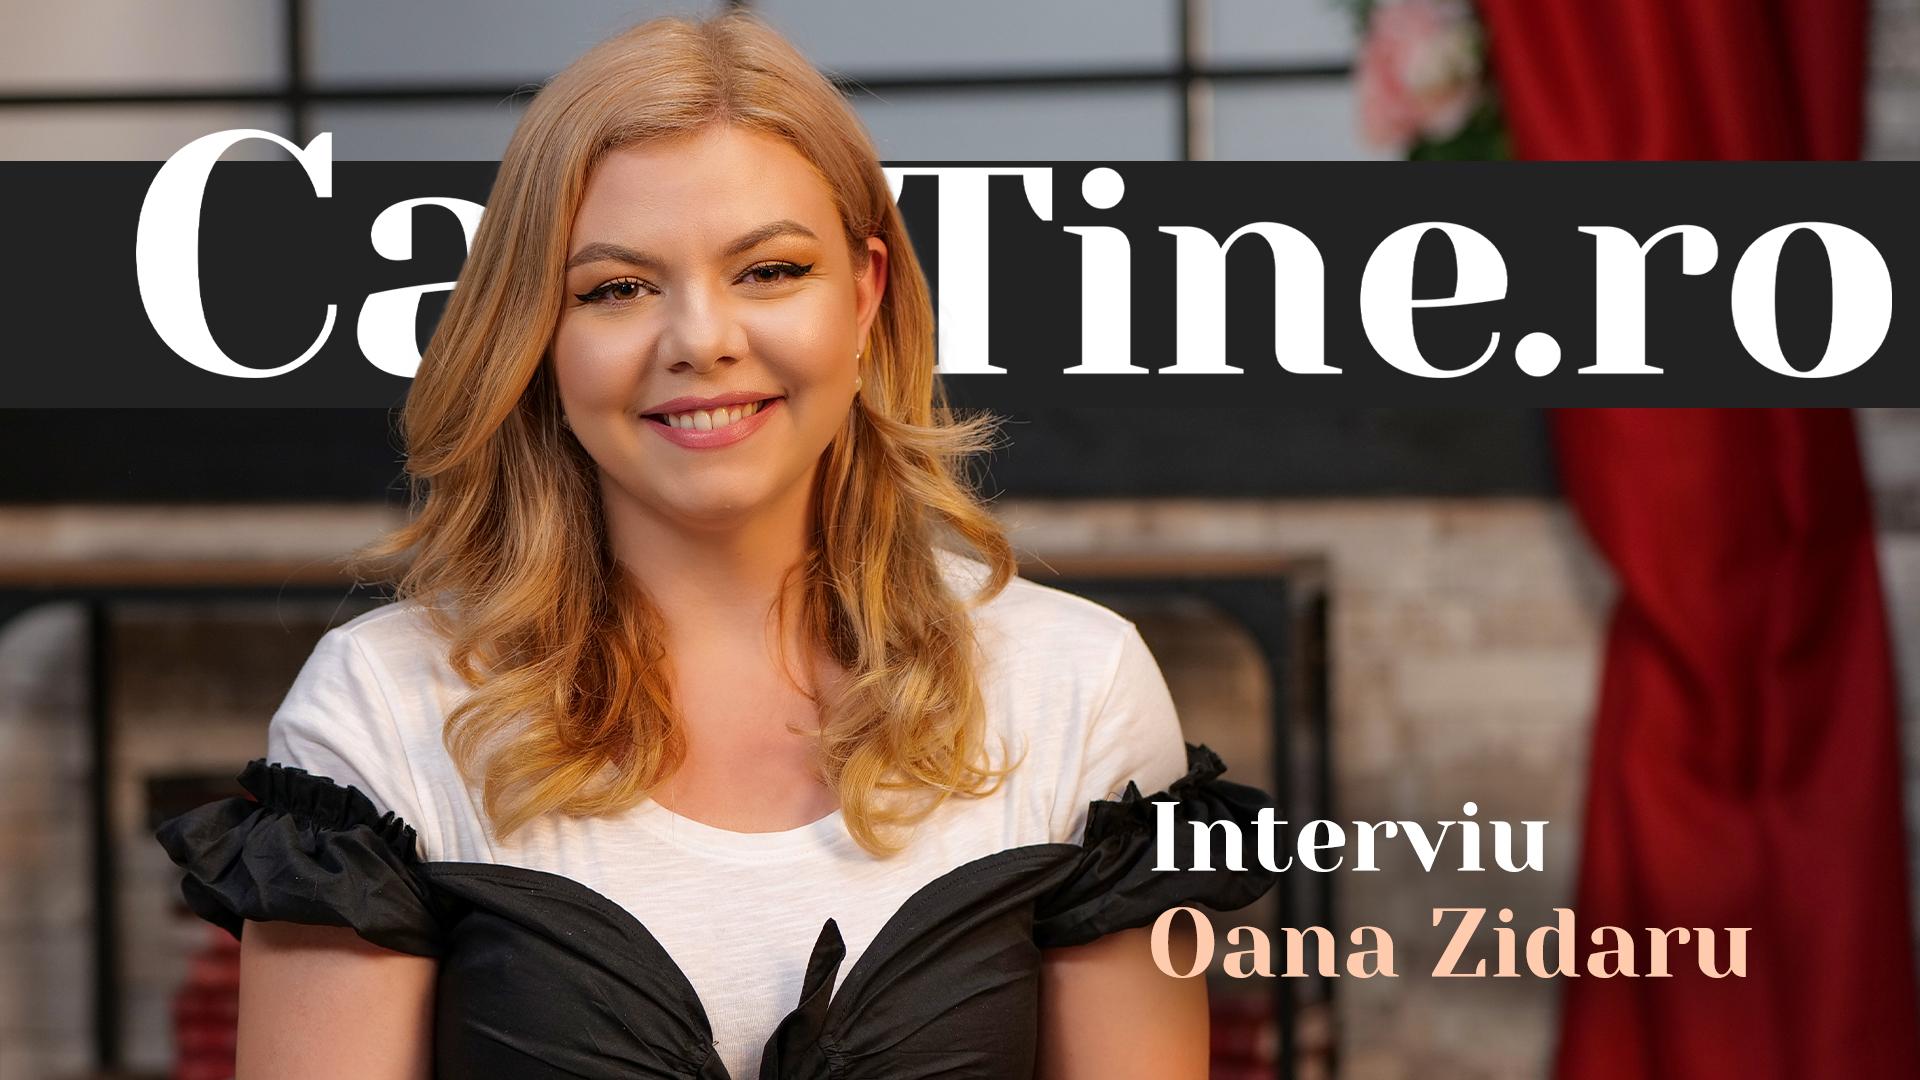 CaTine.Ro - Interviu - Oana Zidaru - Creativă